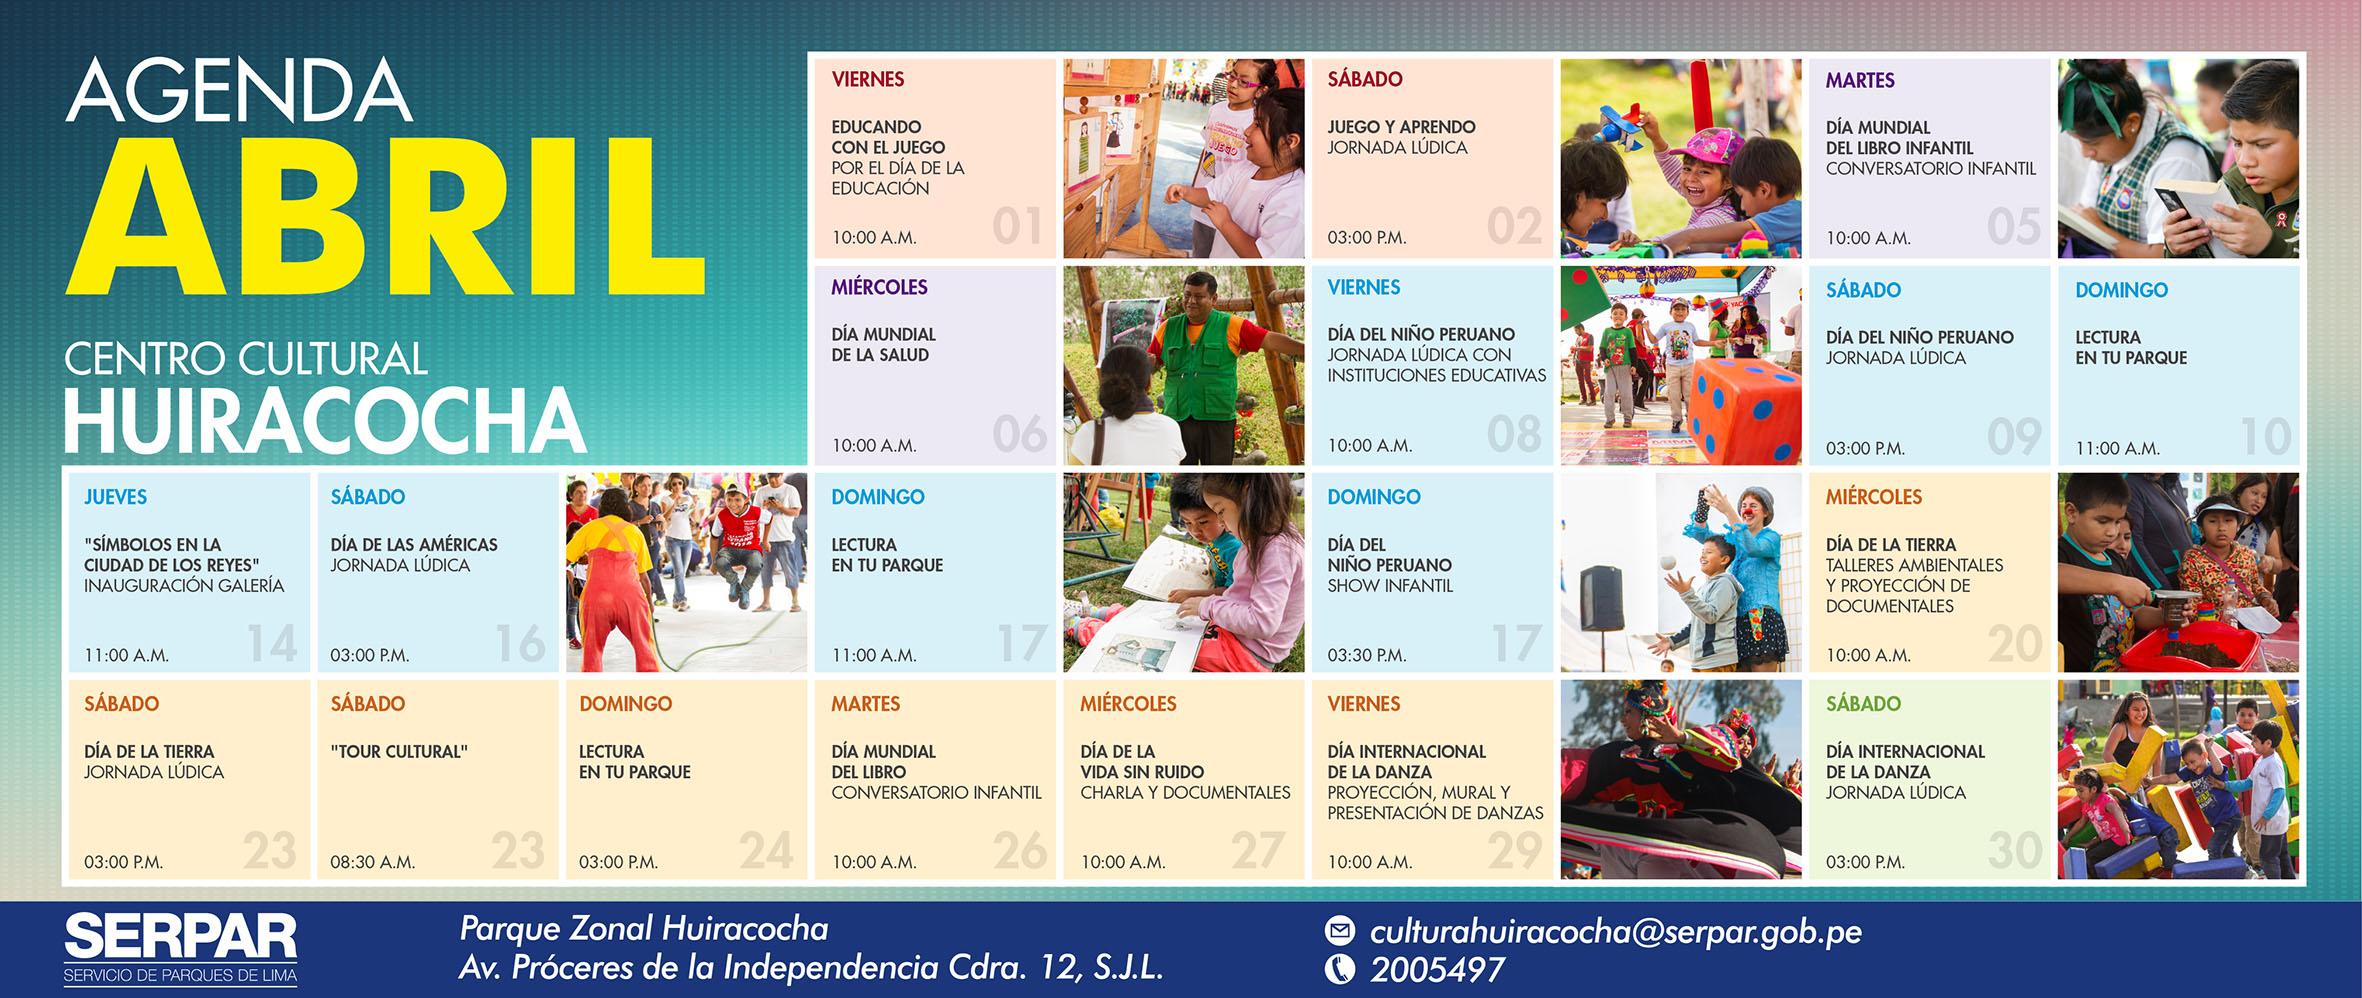 web_agenda_cultura_ABRIL-01